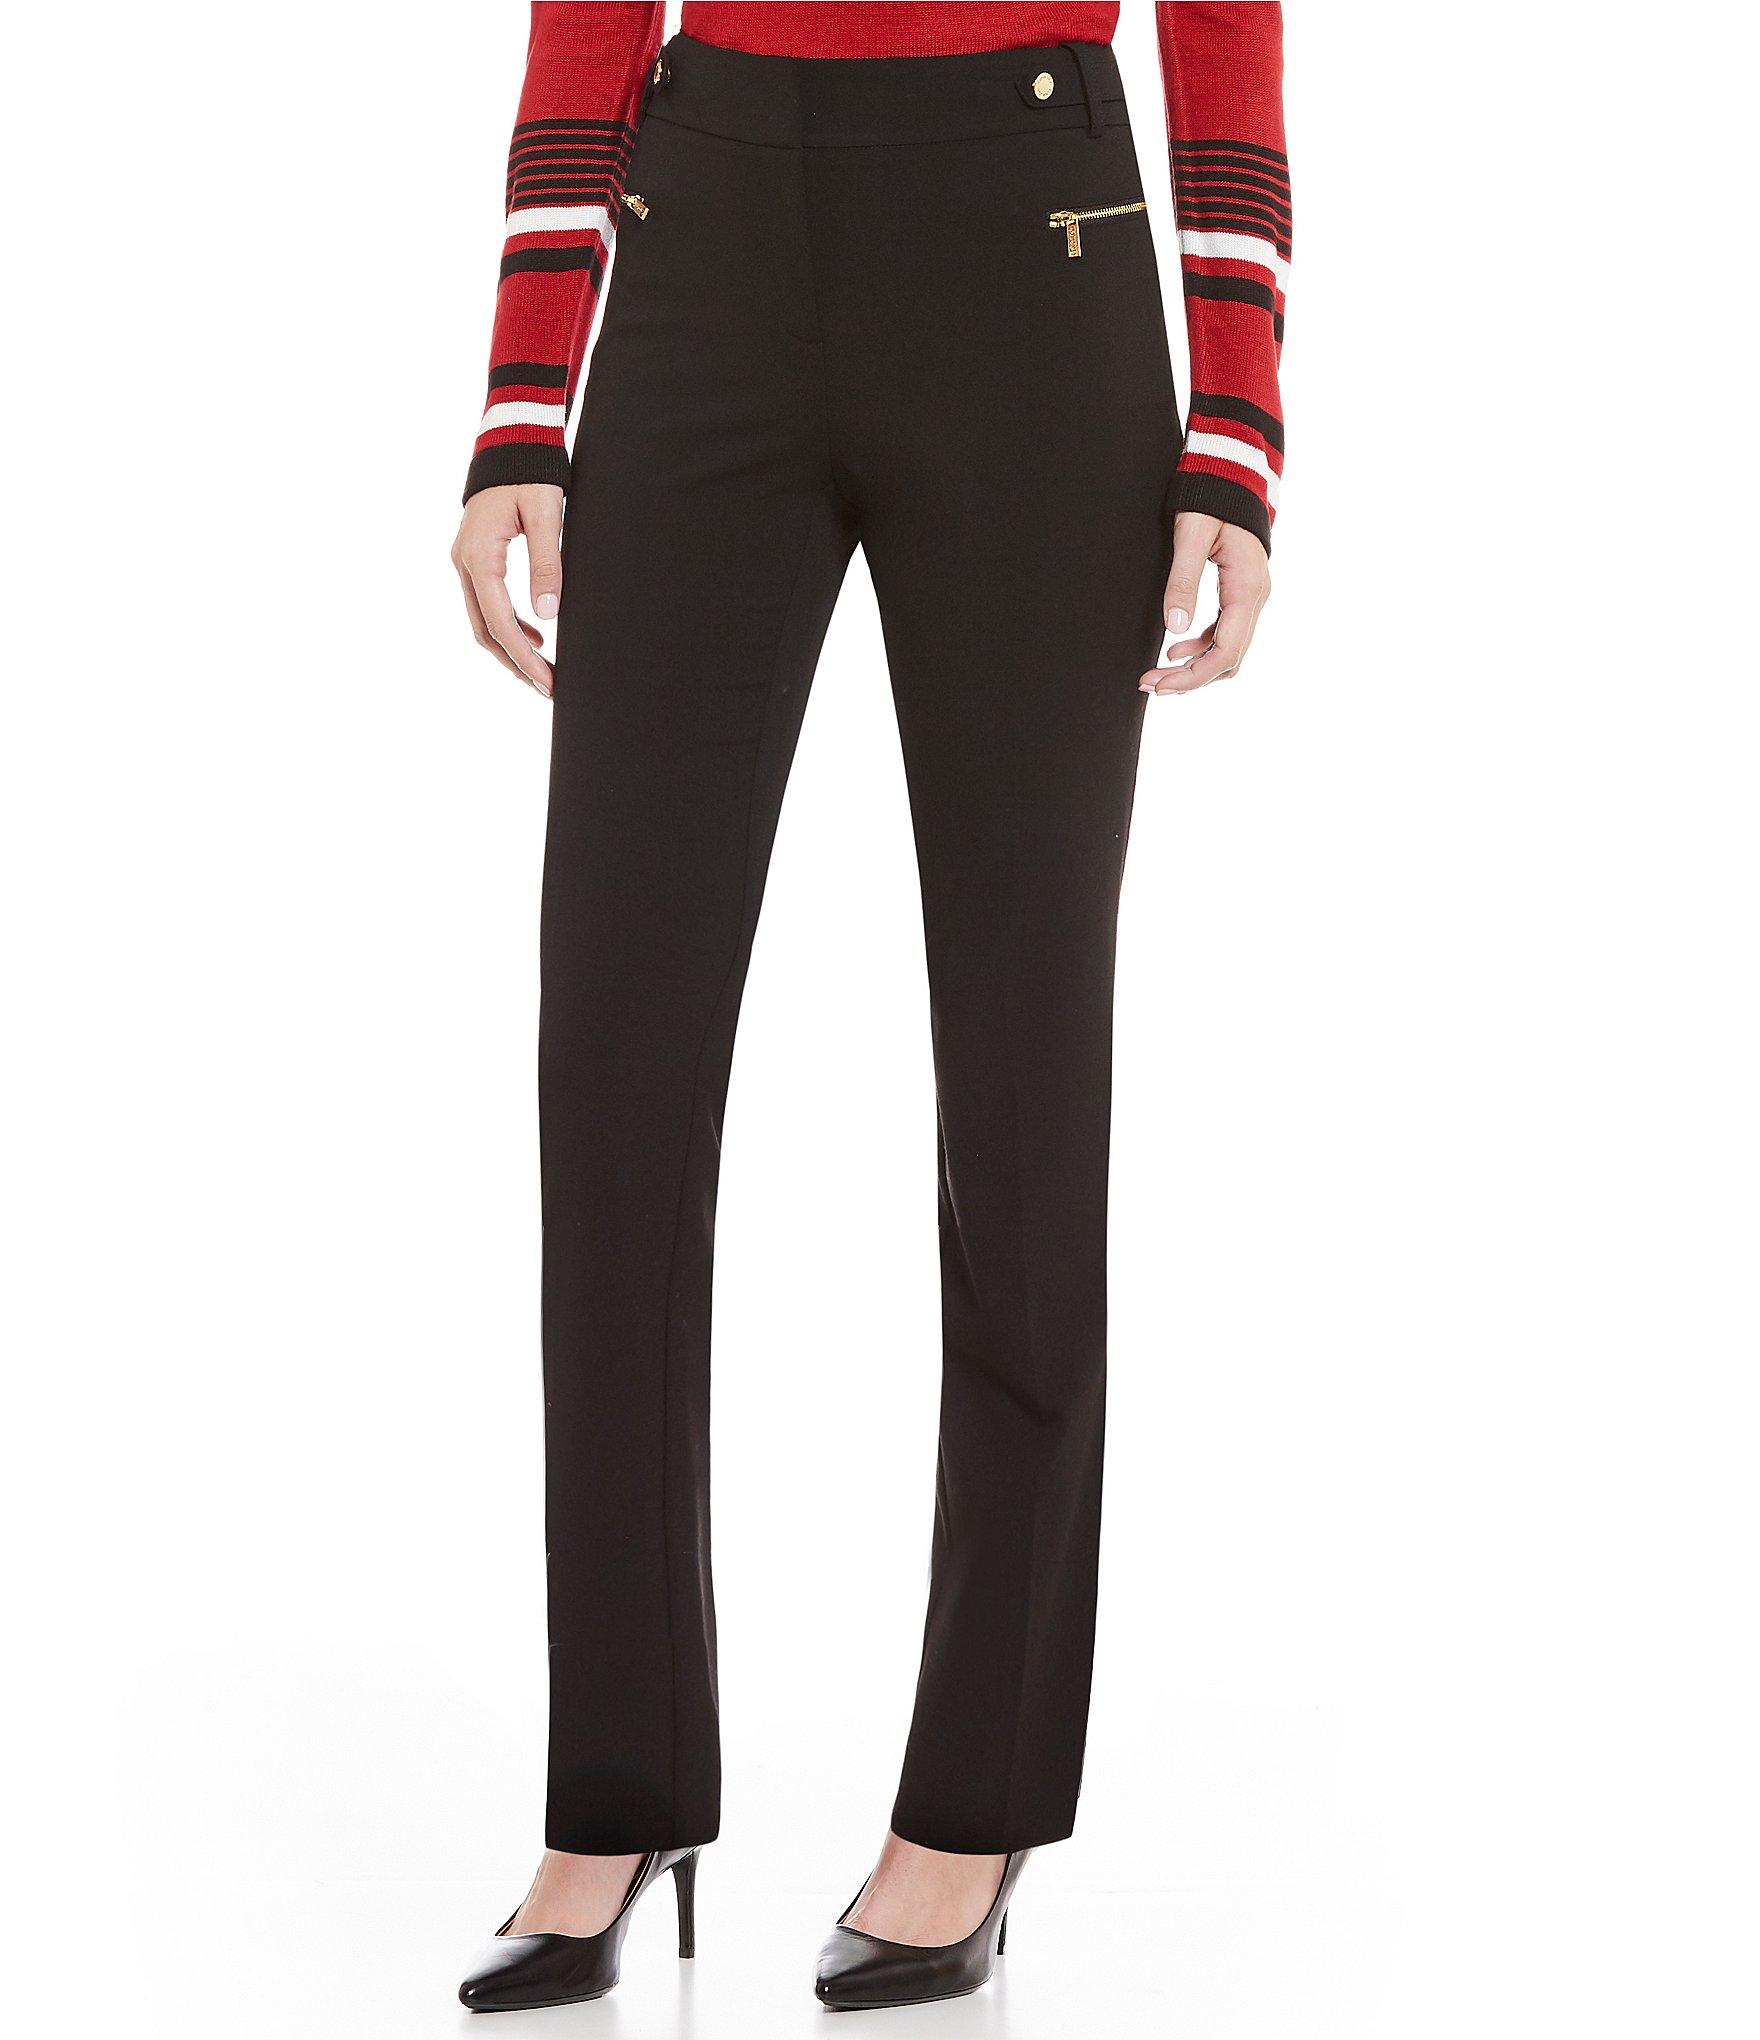 Calvin Klein Luxe Stretch Side Waist Snap Tab Zip Pocket